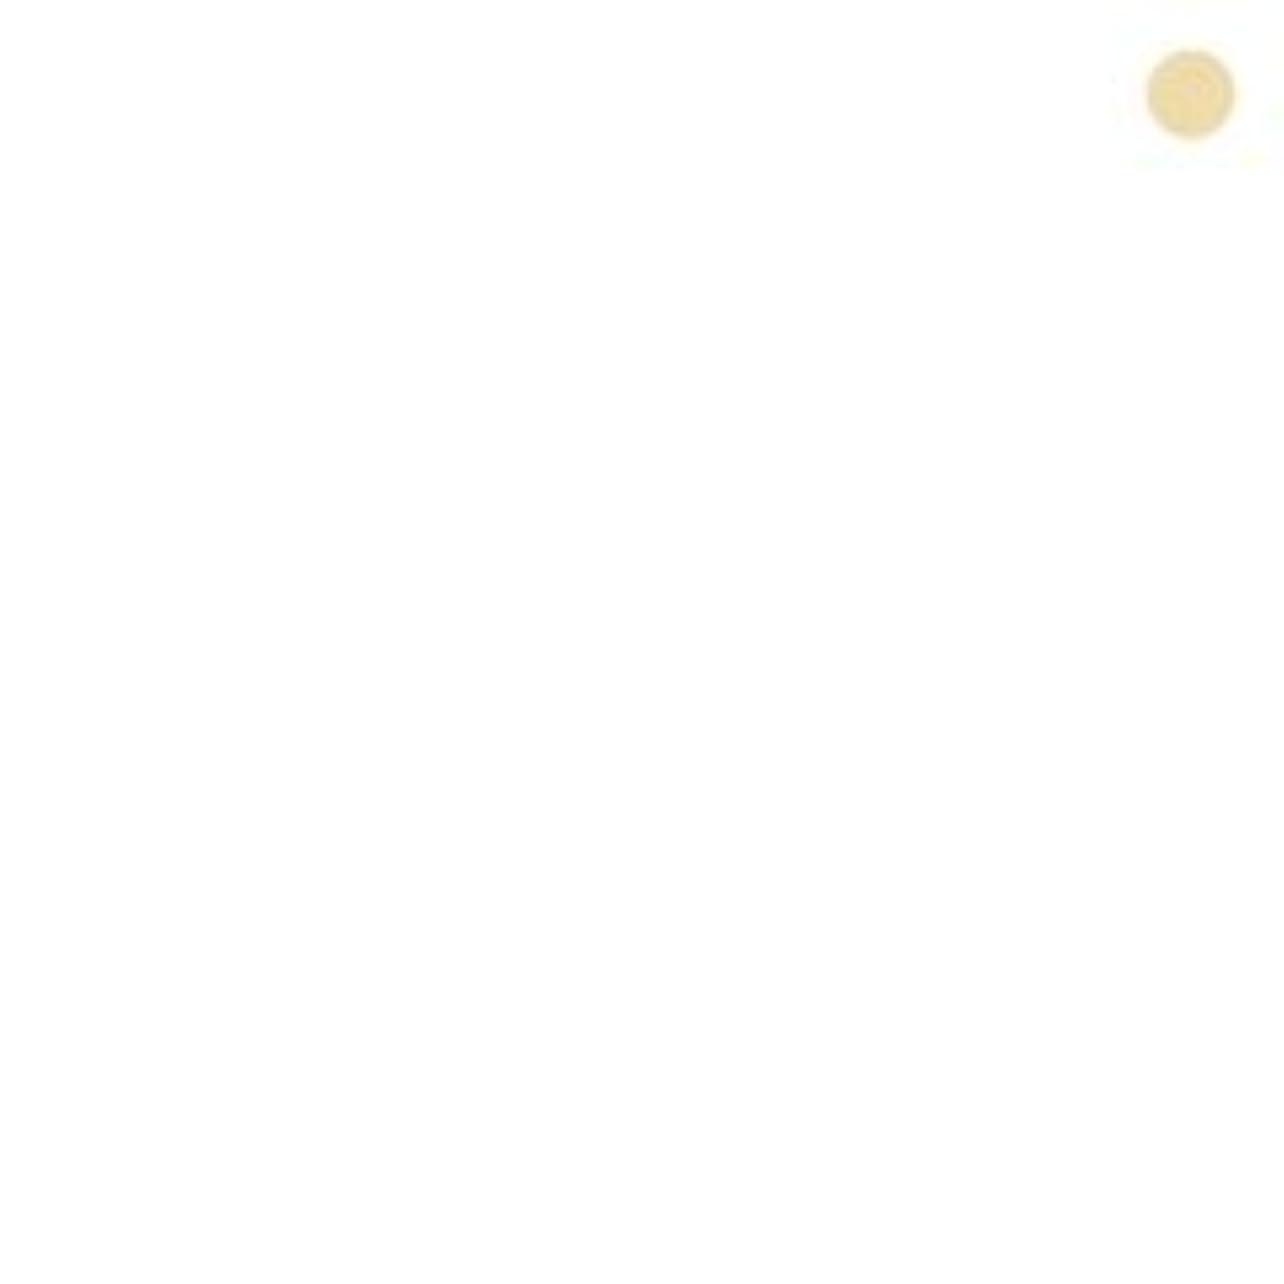 【カバーマーク】ジャスミーカラー パウダリーファンデーション #BN20 (レフィル)